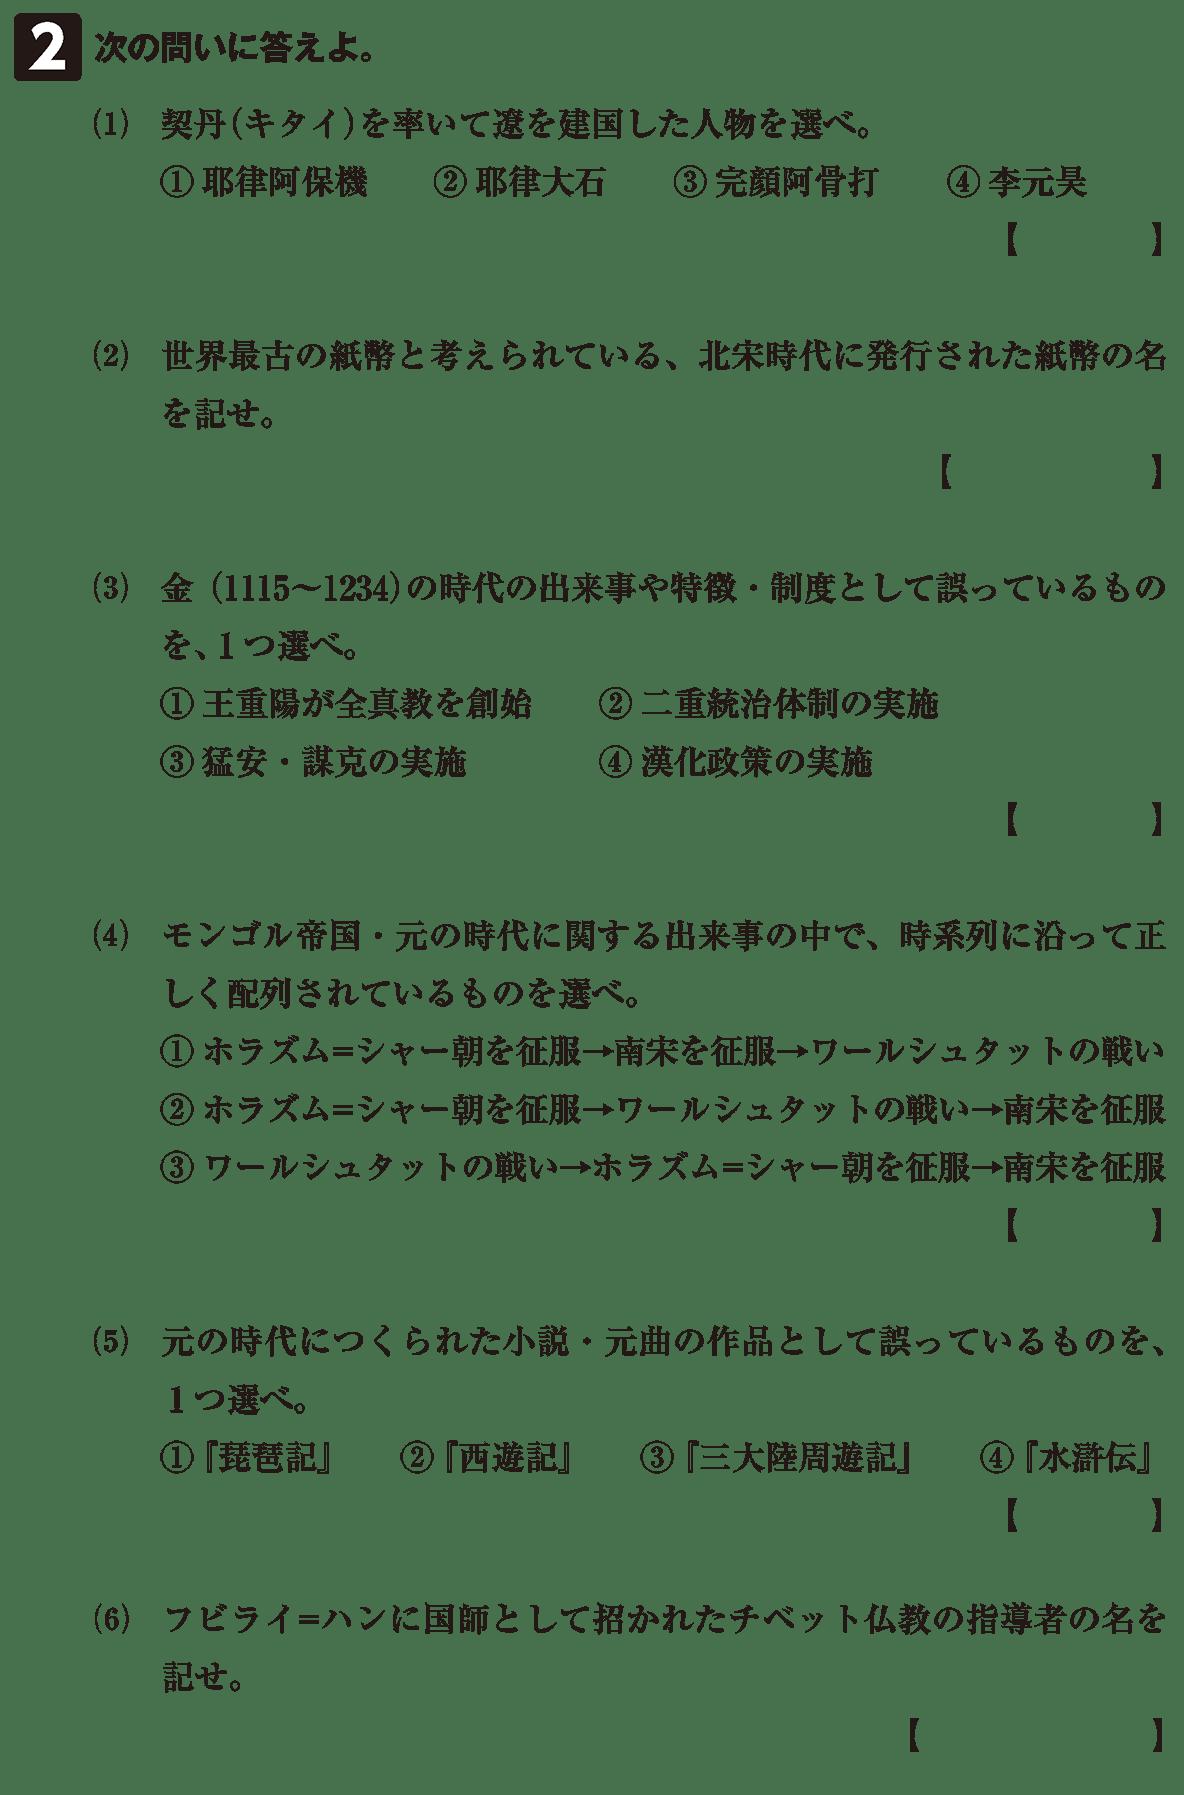 高校世界史 東アジア世界の展開8 確認テスト(後半)問題2